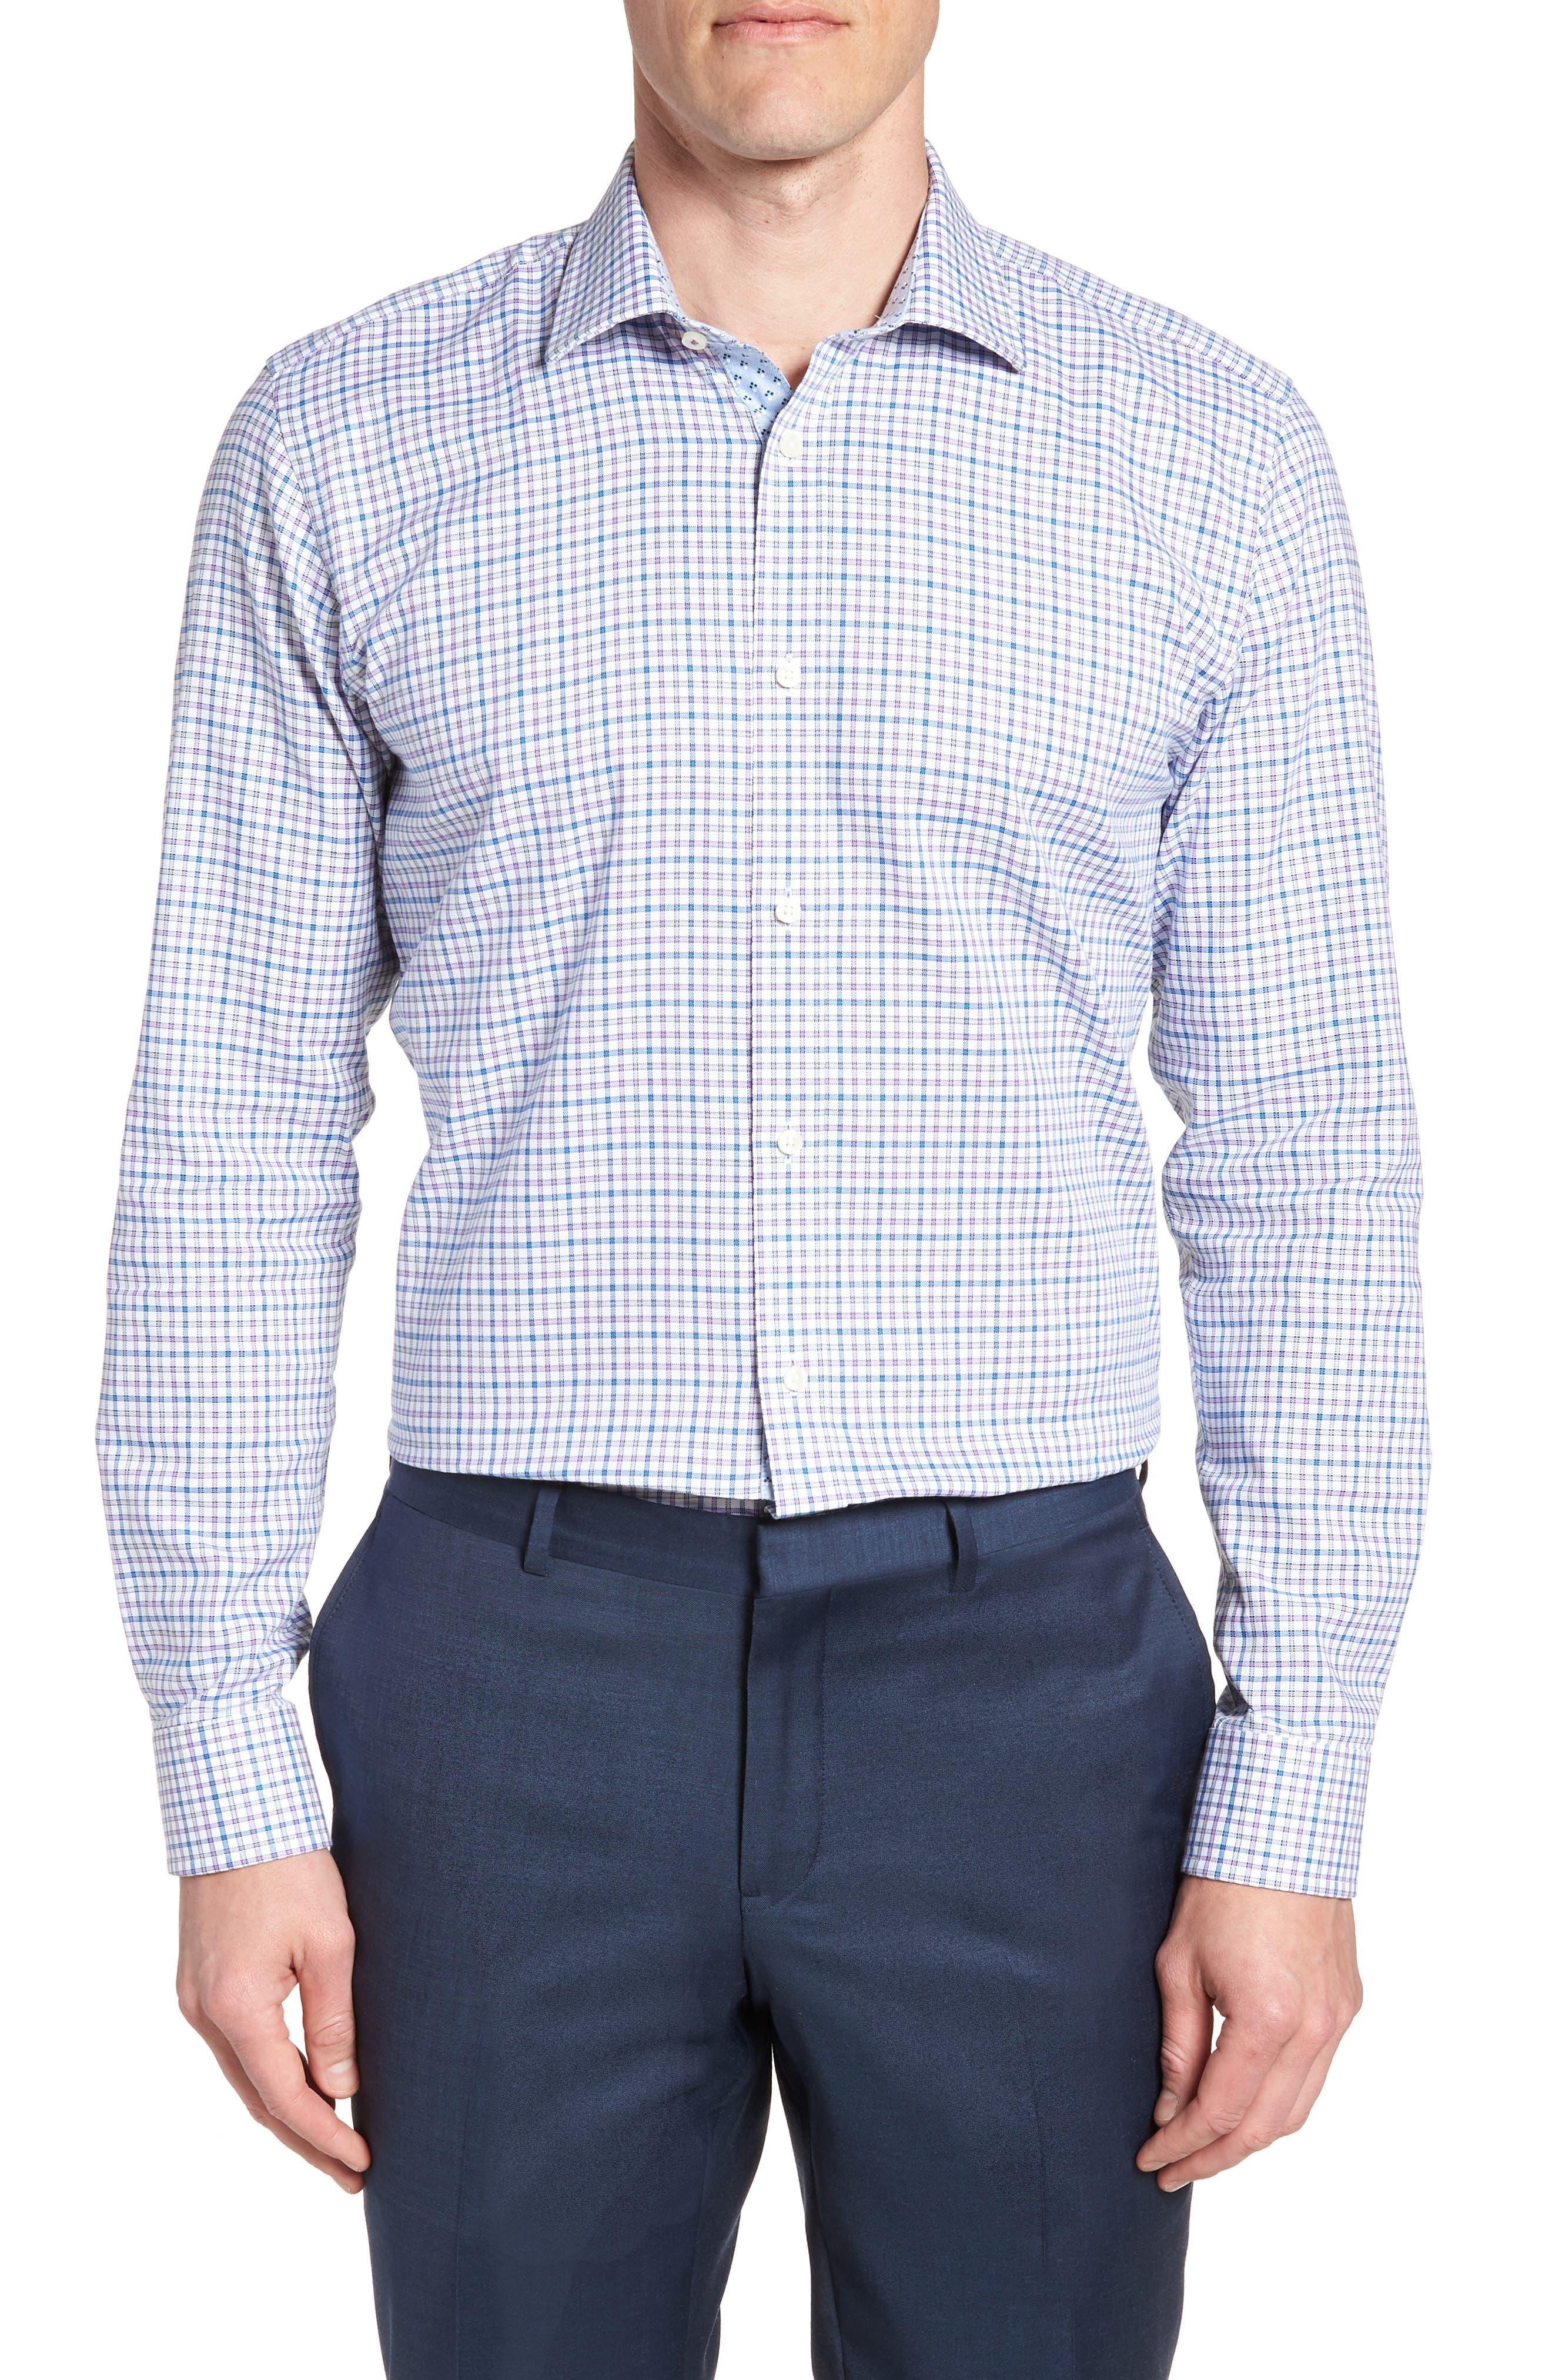 Welsh Trim Fit Check Dress Shirt,                         Main,                         color, Purple